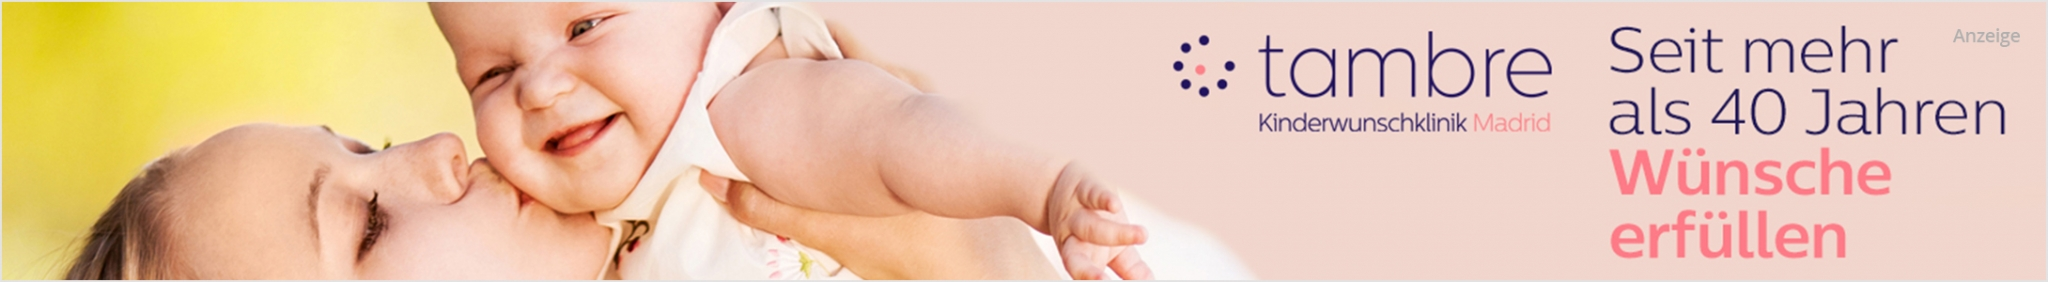 Eizellspende in Spanien Tambre Kinderwunschklinik Madrid